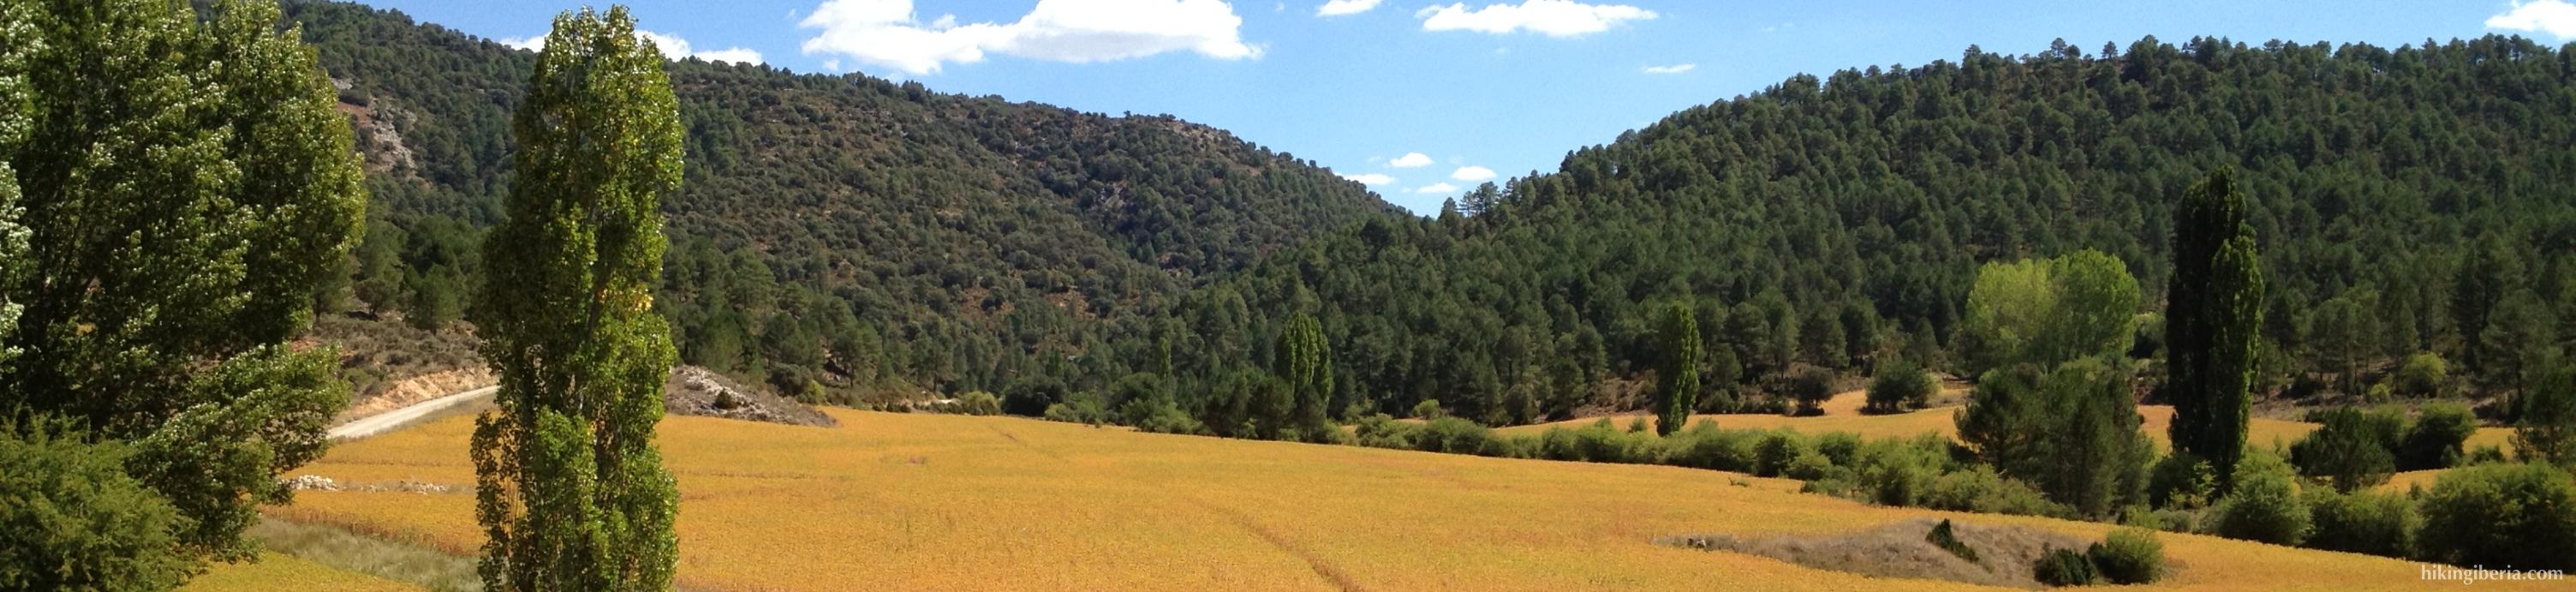 Arroyo del Peral